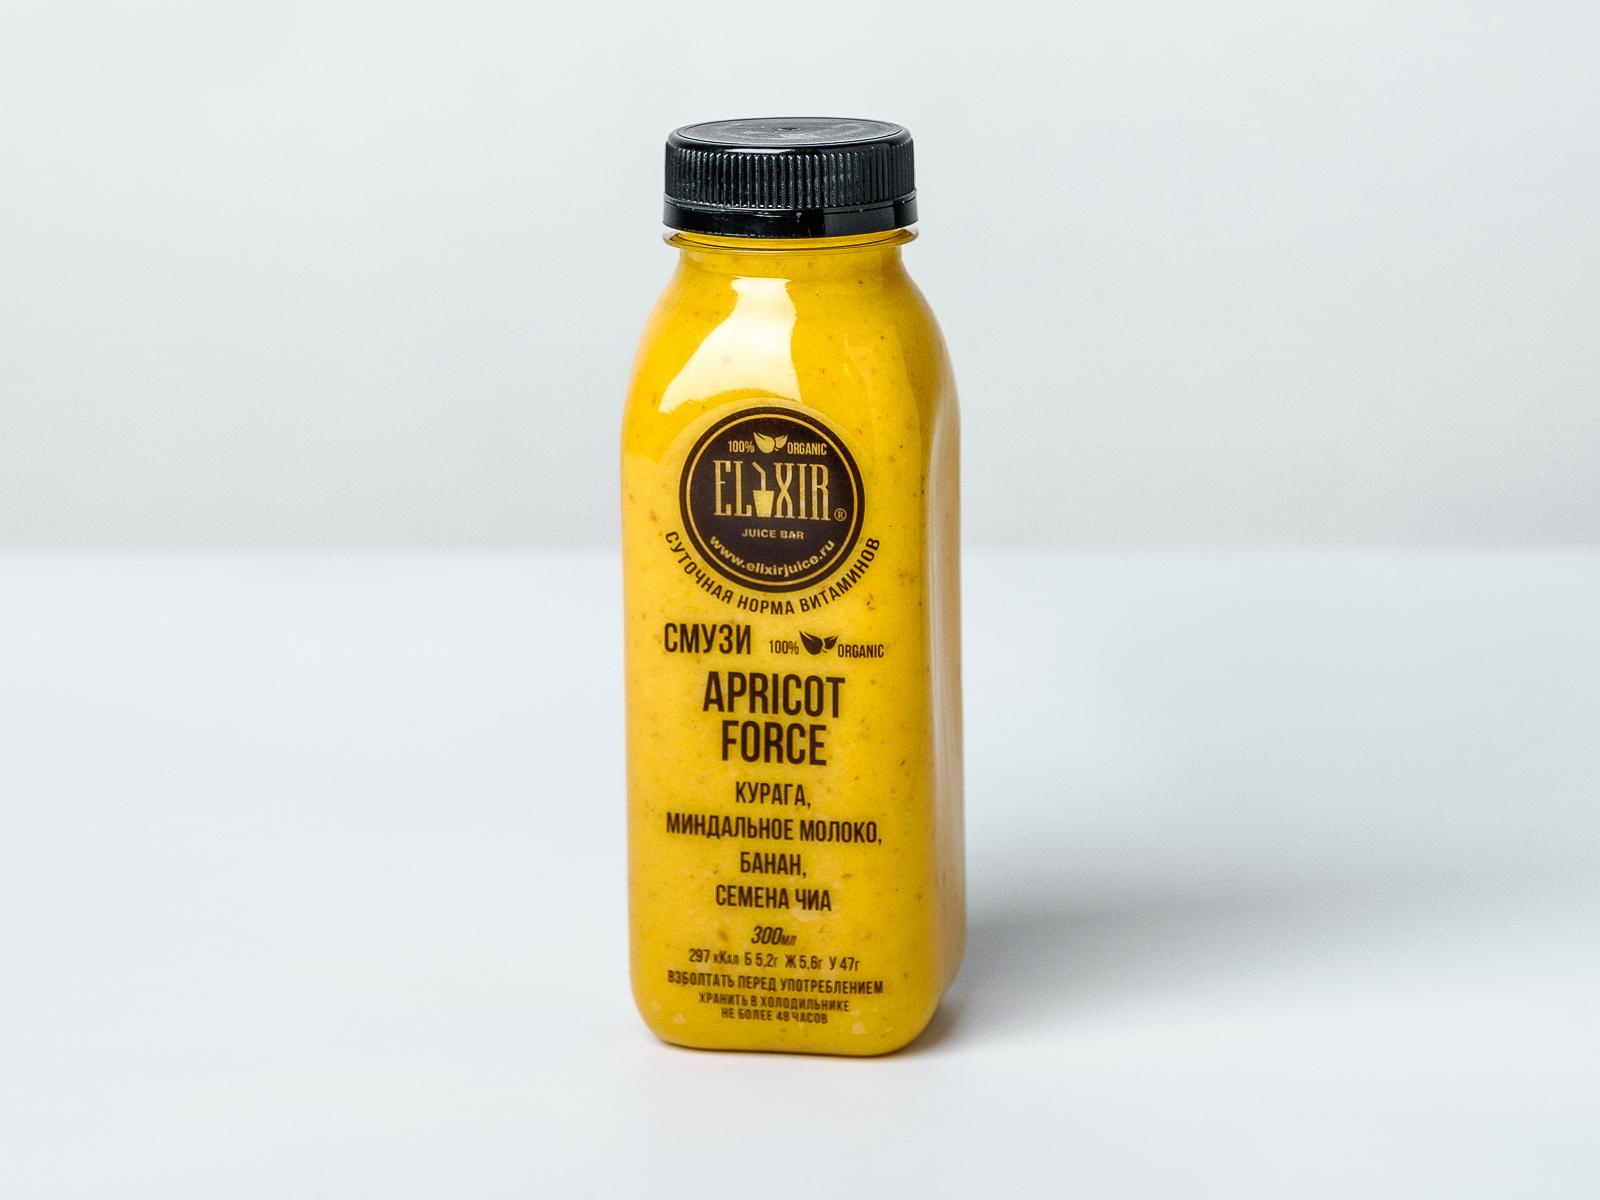 Смузи Apricot force